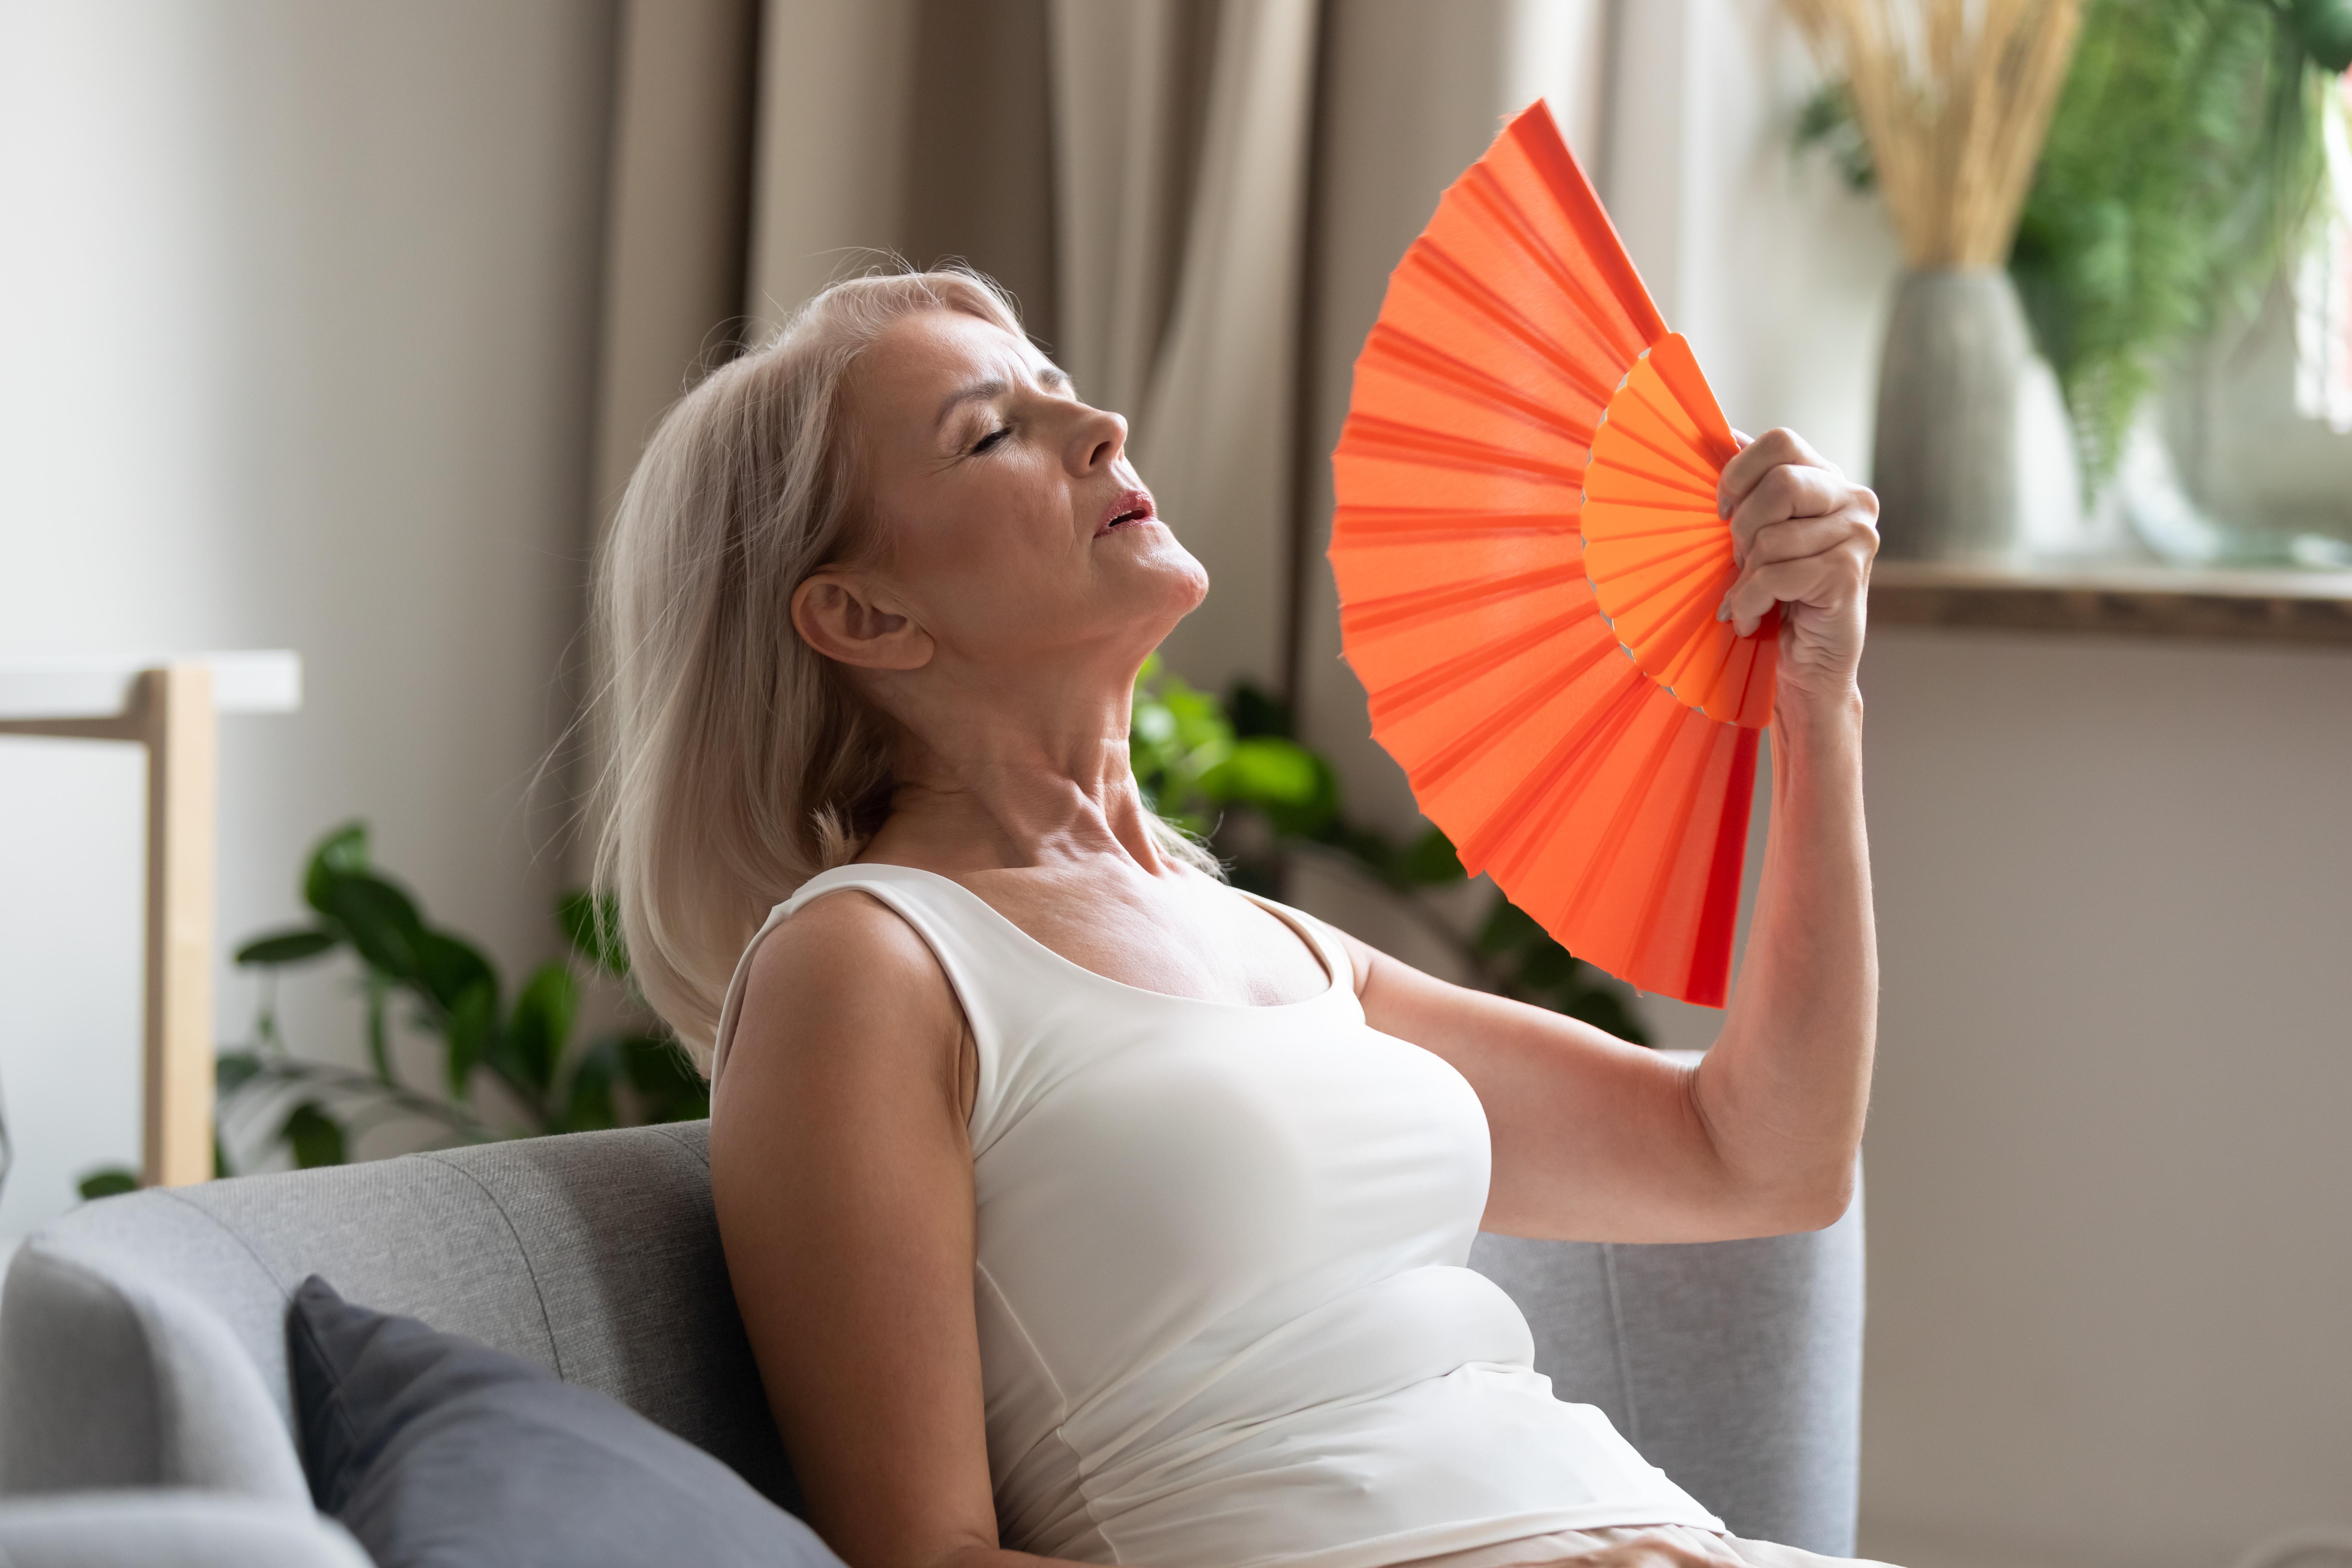 példa a magas vérnyomásos segélyhívásokra magas vérnyomás klinika yasenevo